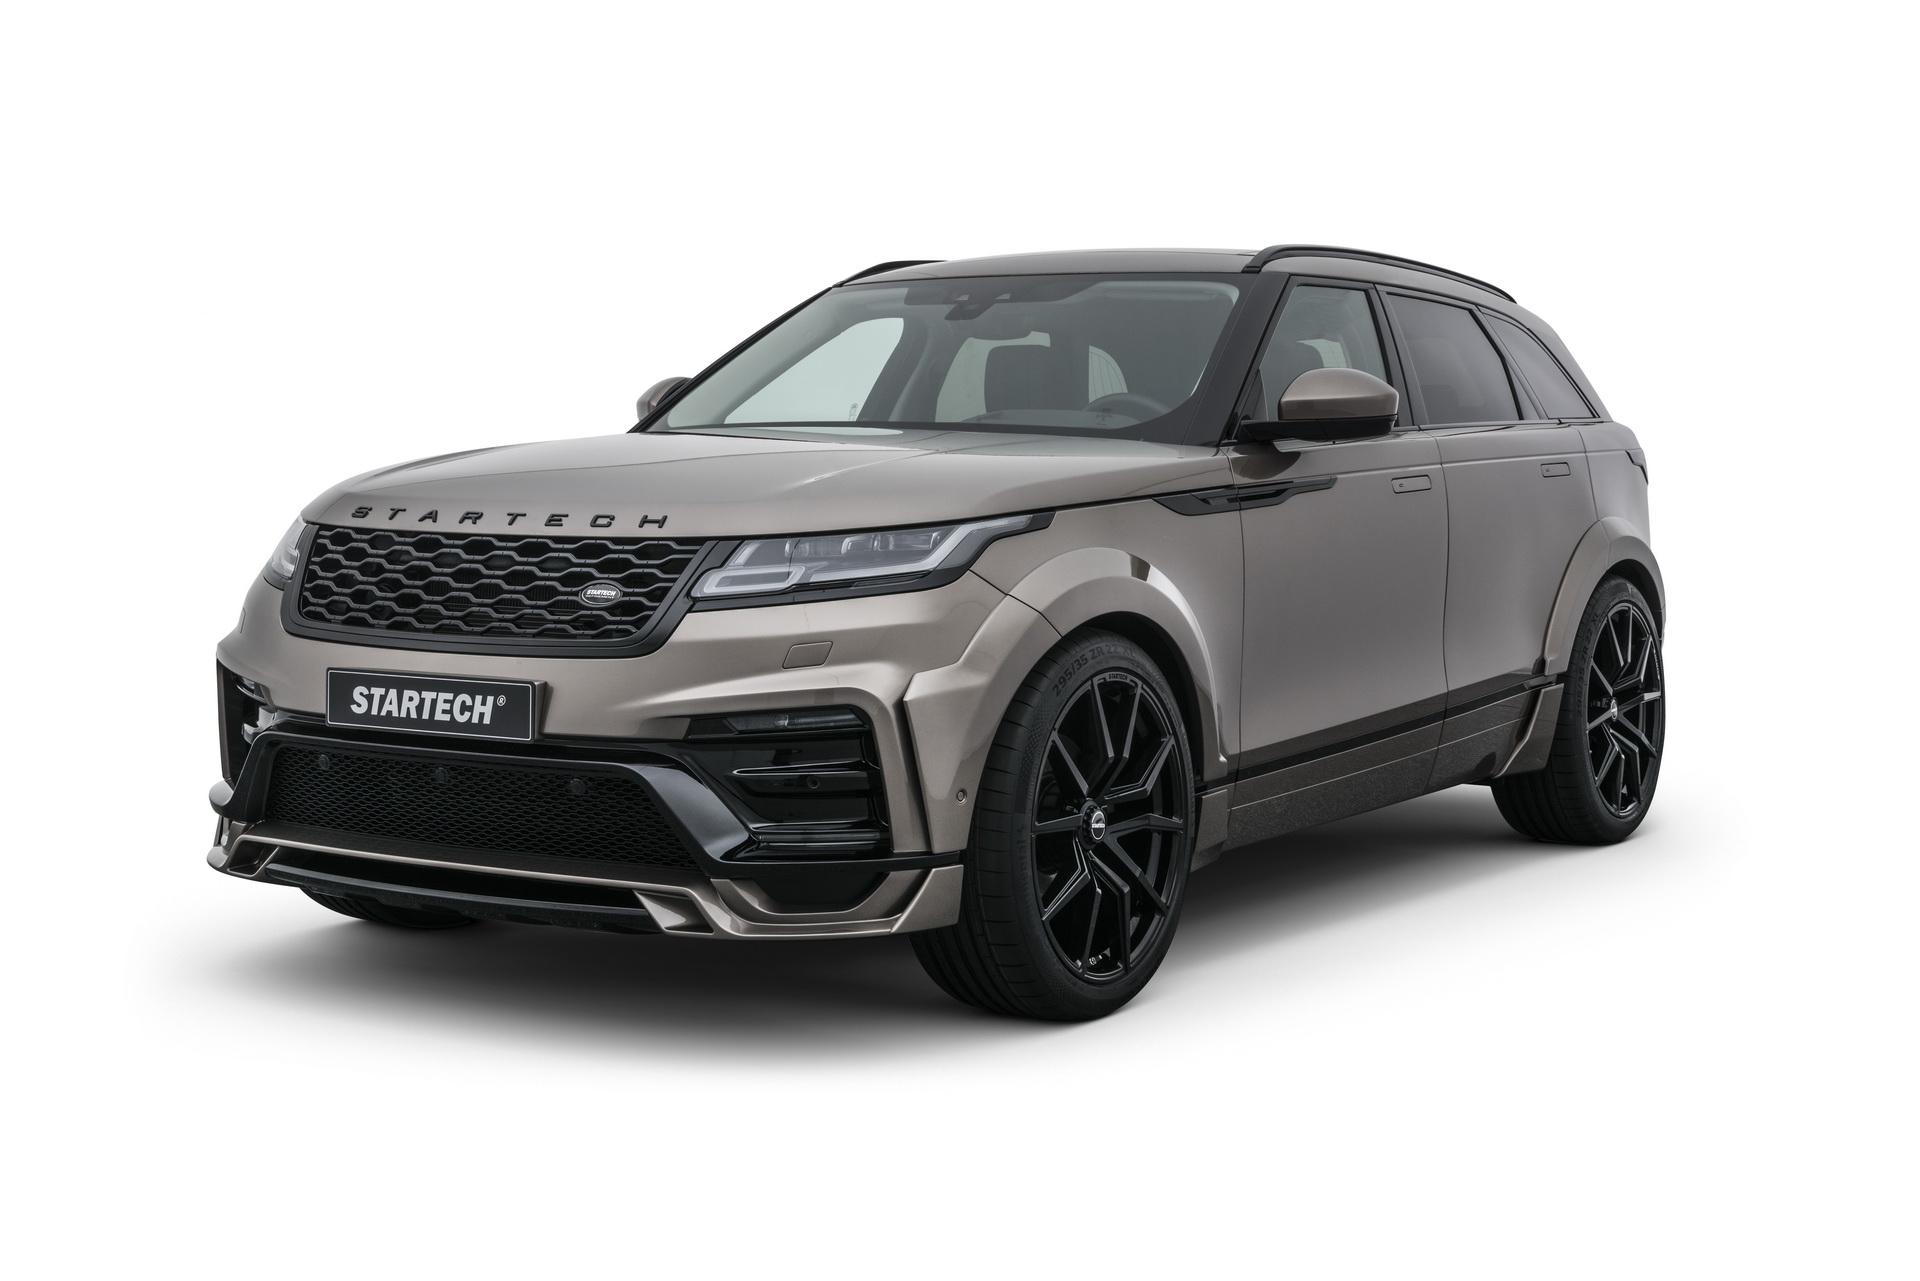 Range_Rover_Velar_Startech_0008